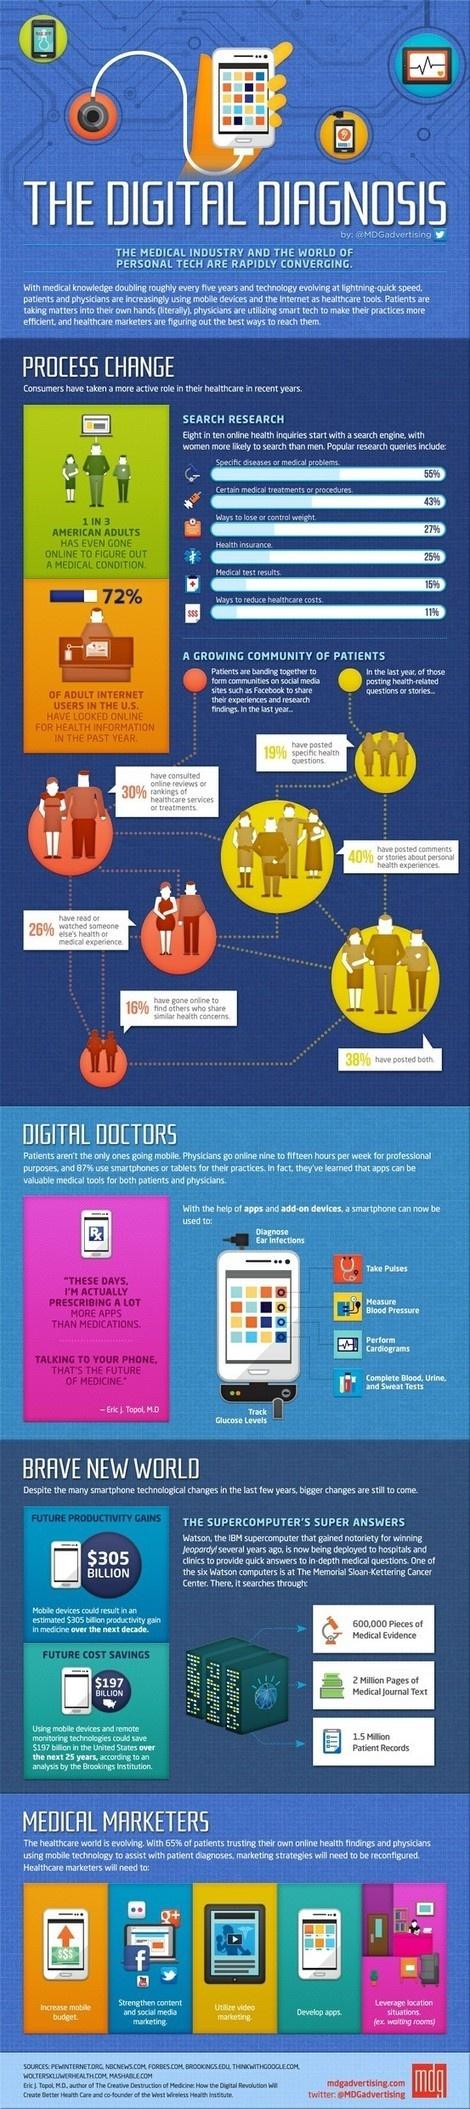 La convergence de l'industrie médicale et du digital en une seule image | Santé-pharma : digital, mobile & réseaux sociaux